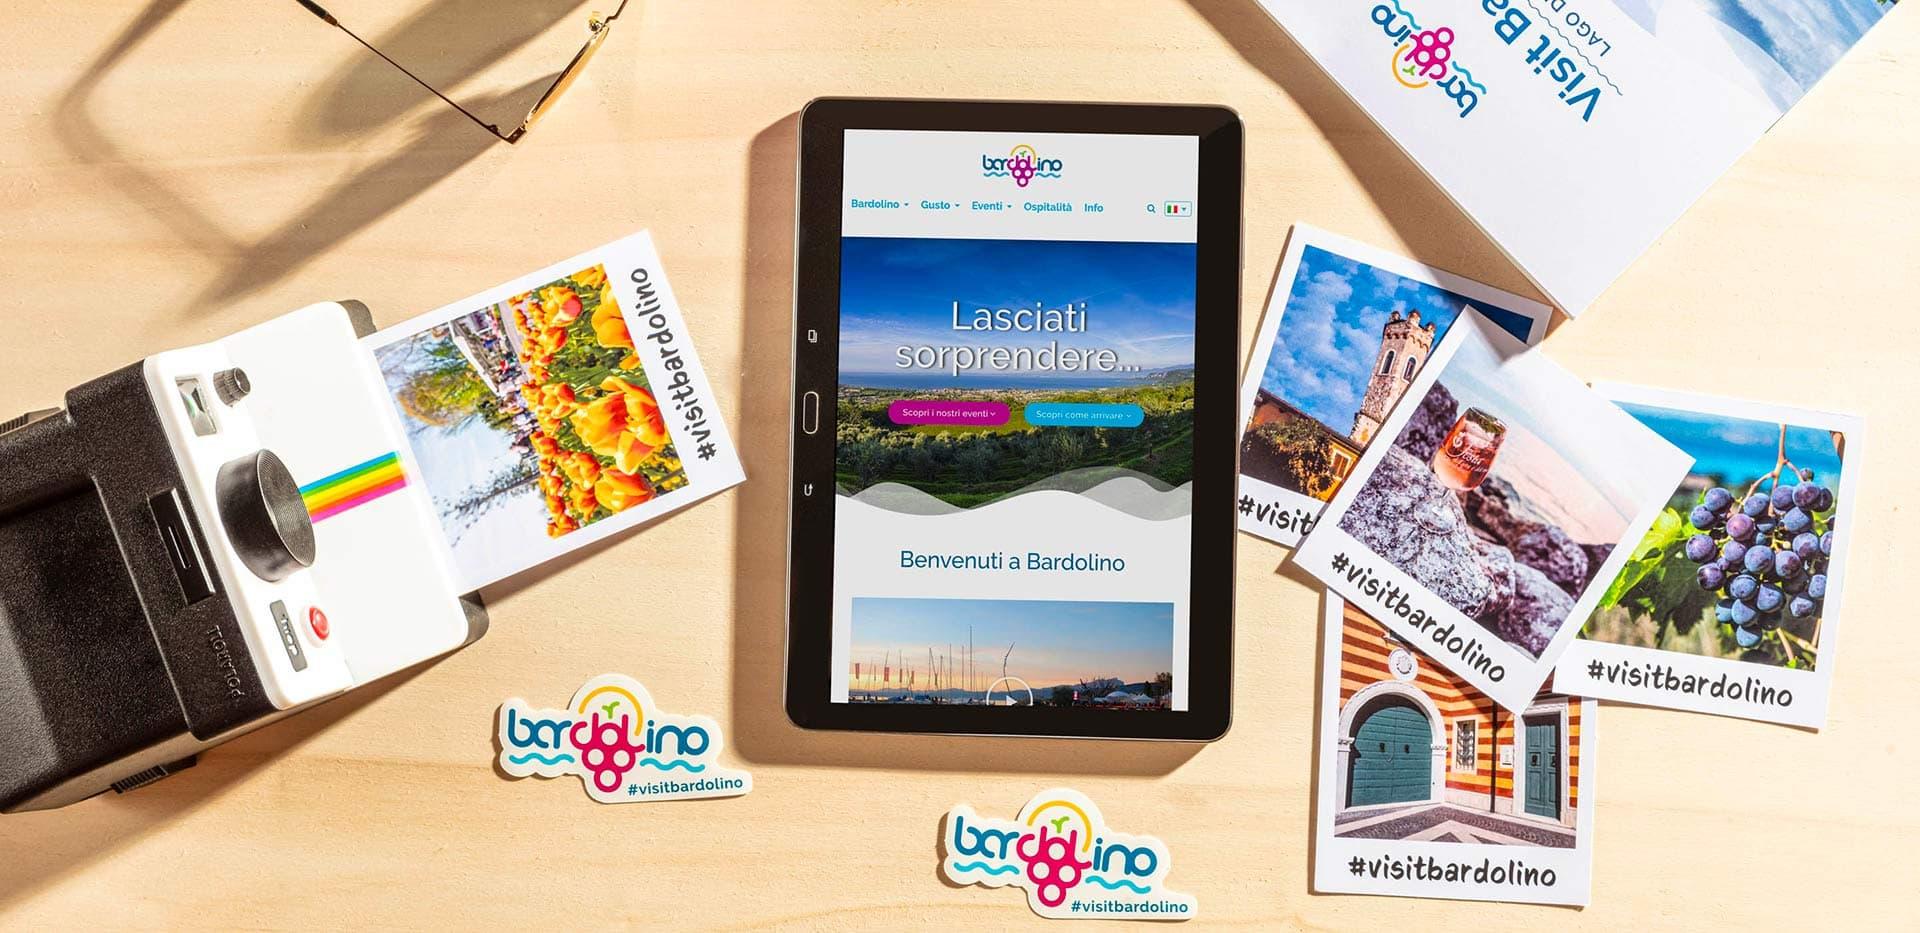 sitoweb-visitbardolino-tablet